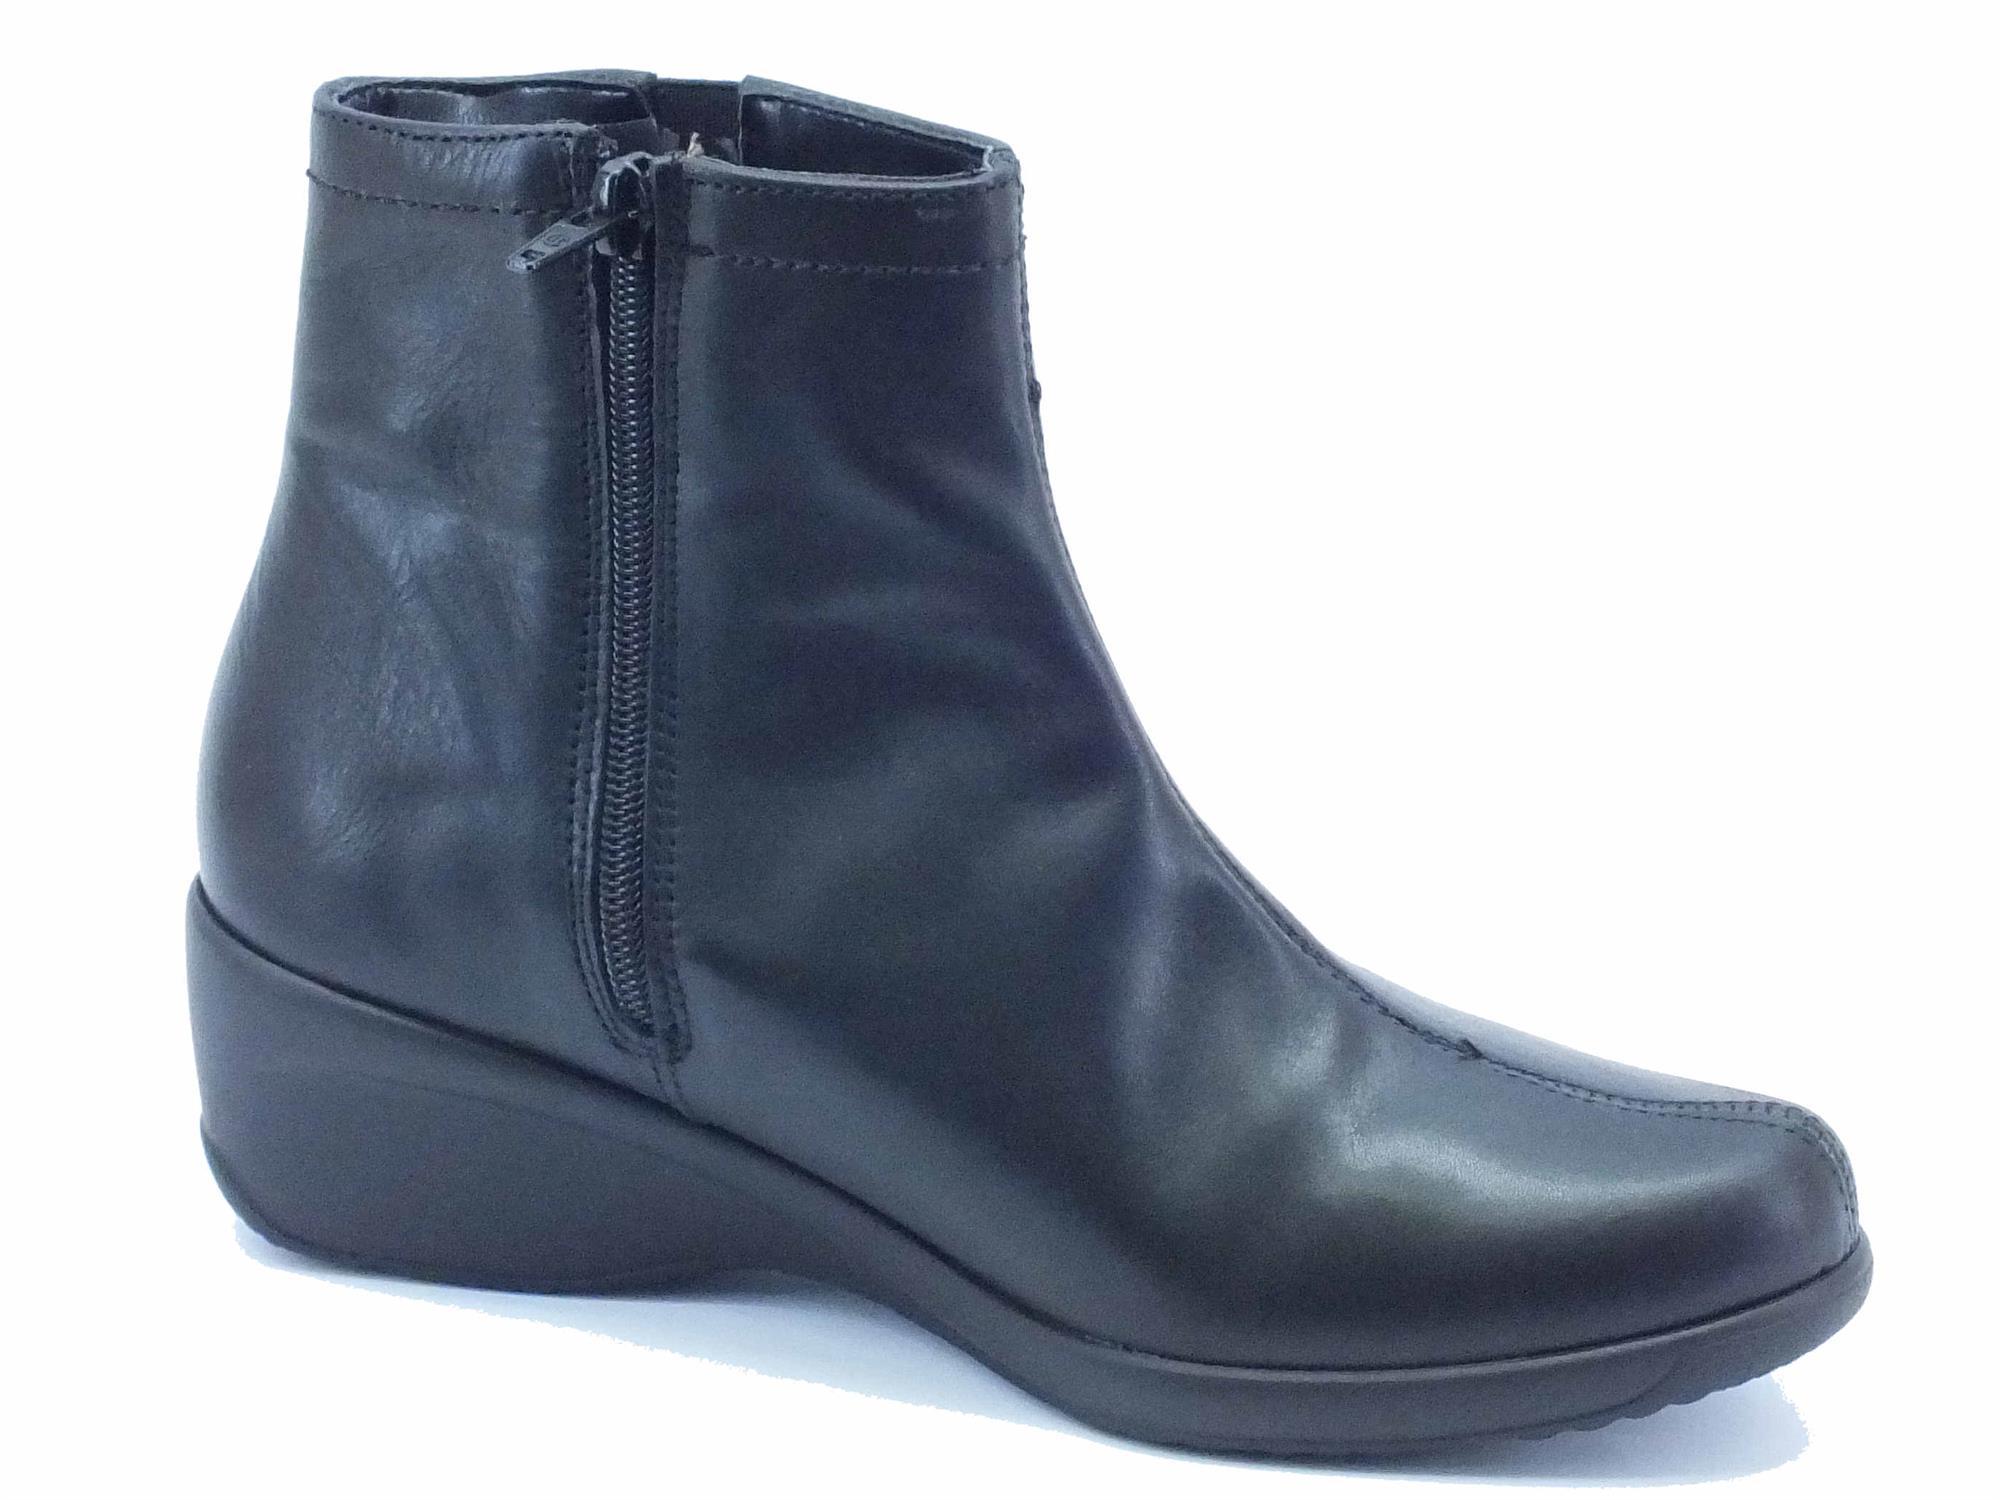 Tronchetti Cinzia Soft pelle nera lampo - Vitiello Calzature 3d450428720